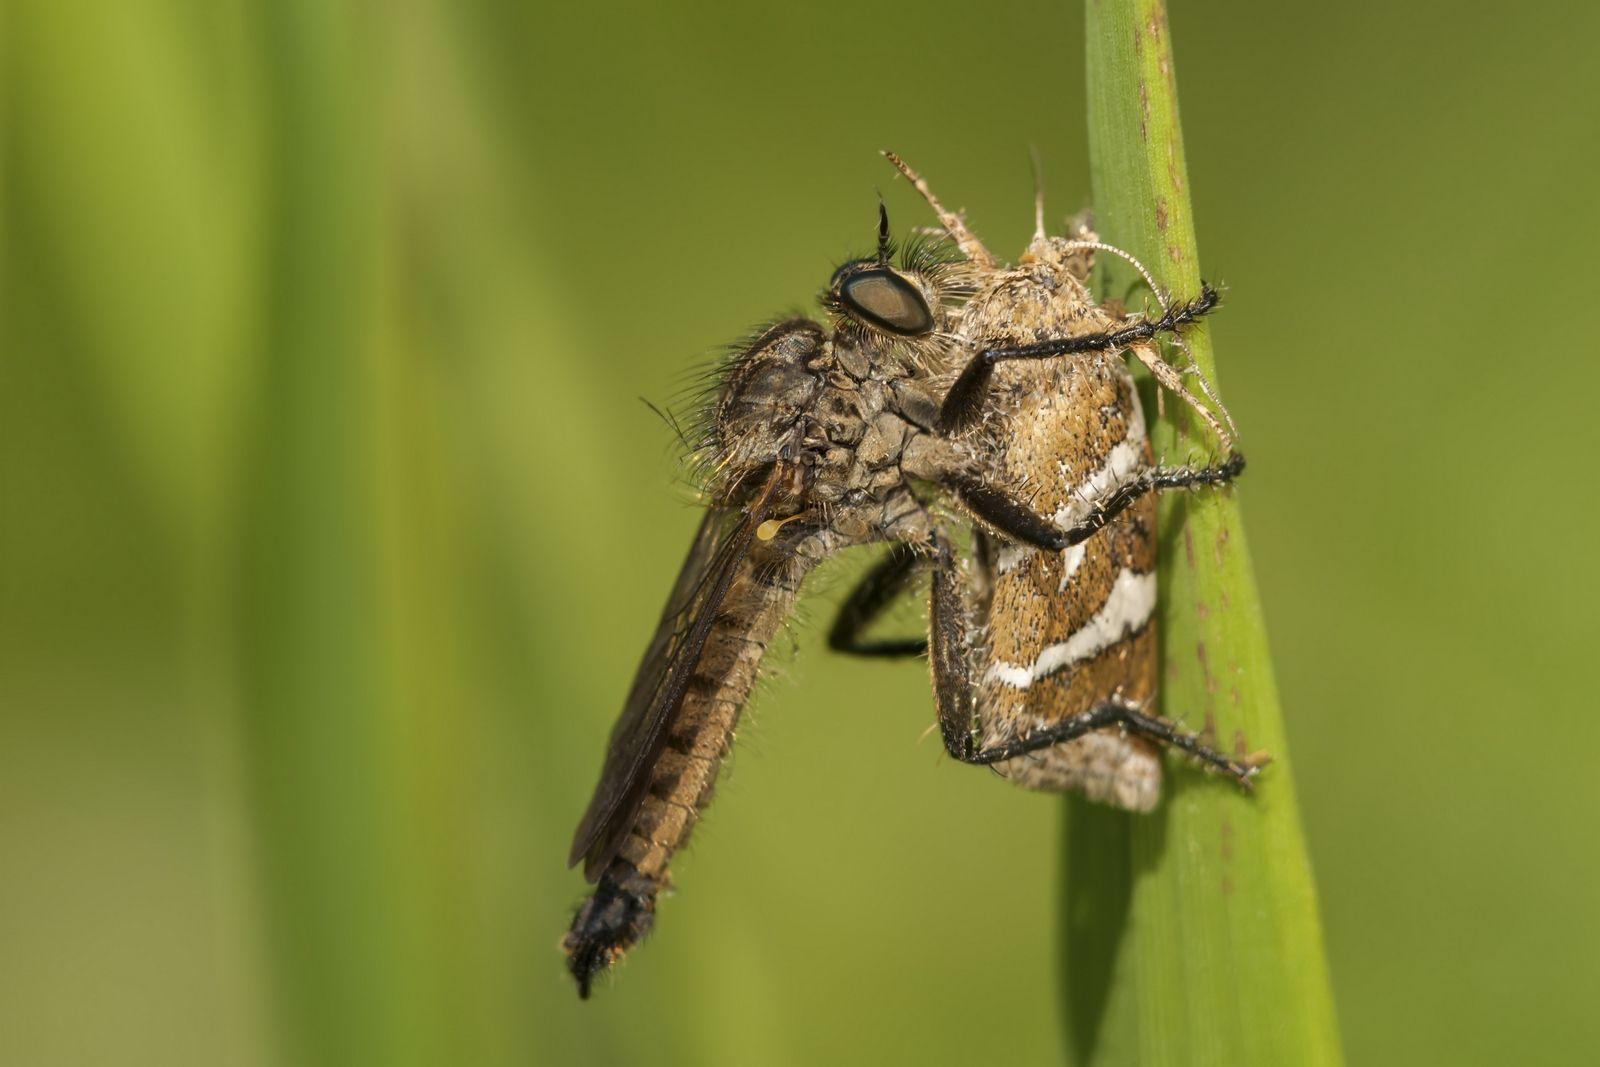 Ктырь за обедом Макро ктырь хищное насекомое